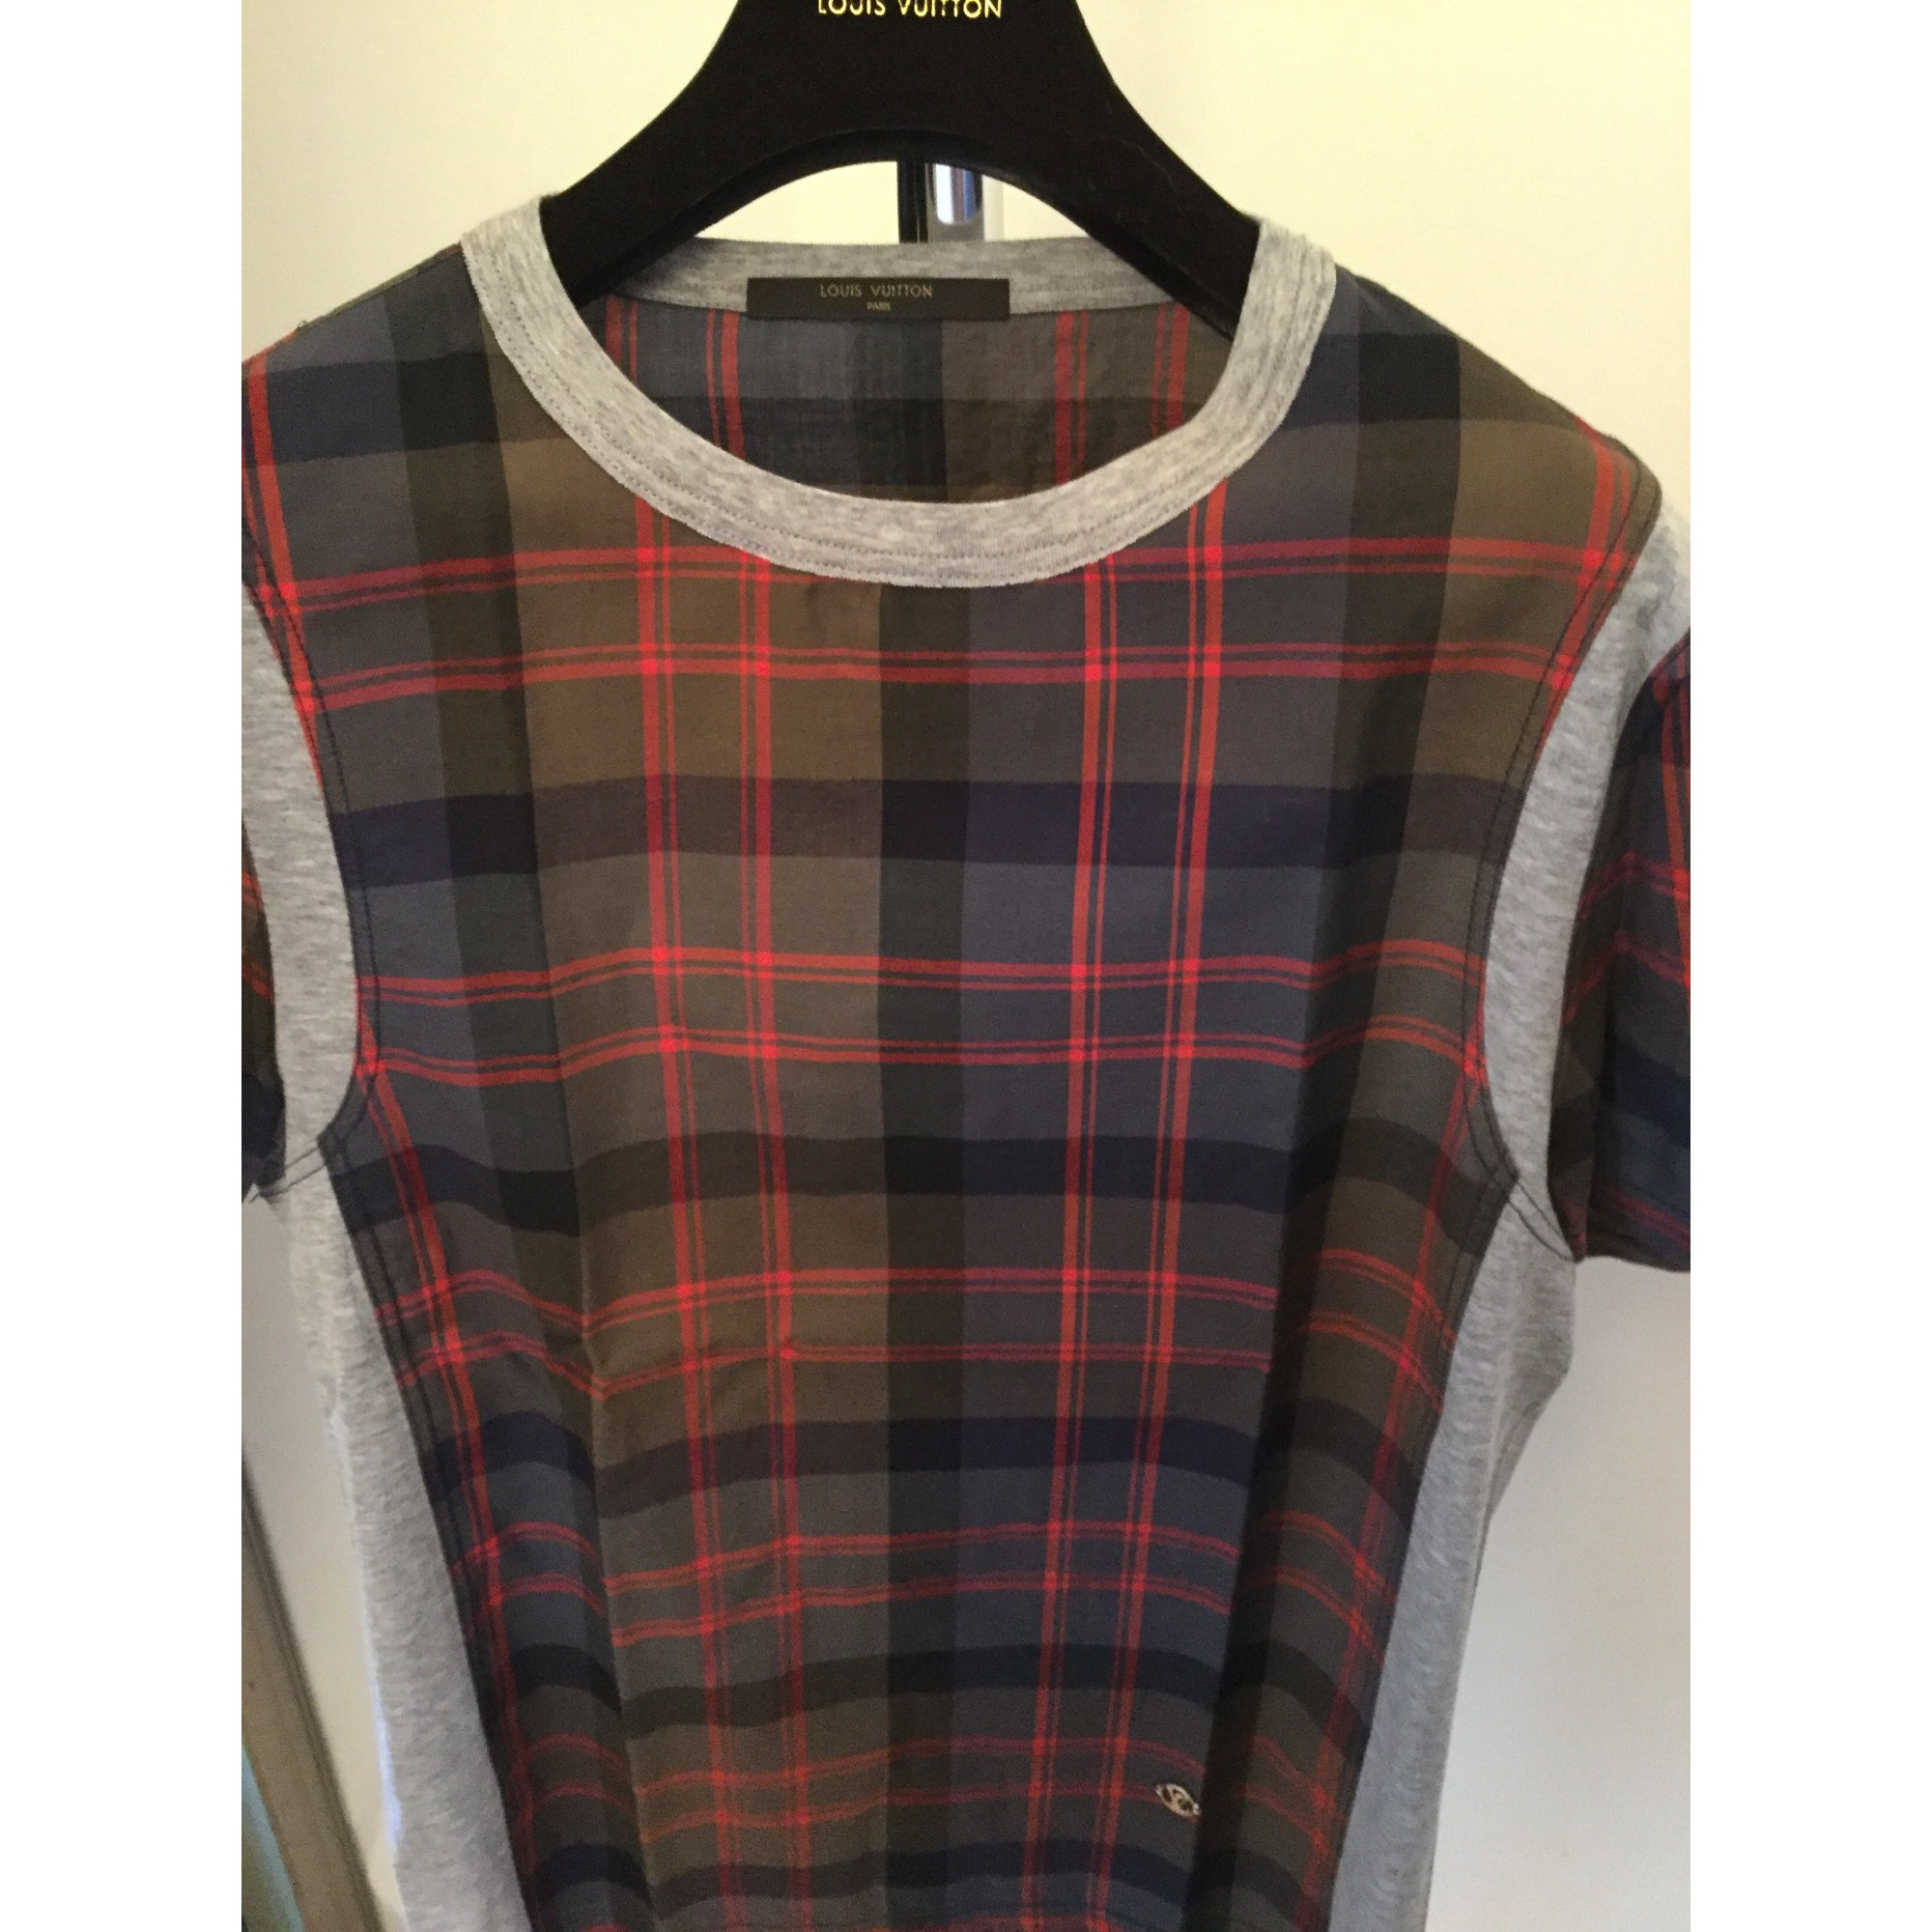 Tee-shirt LOUIS VUITTON Multicouleur